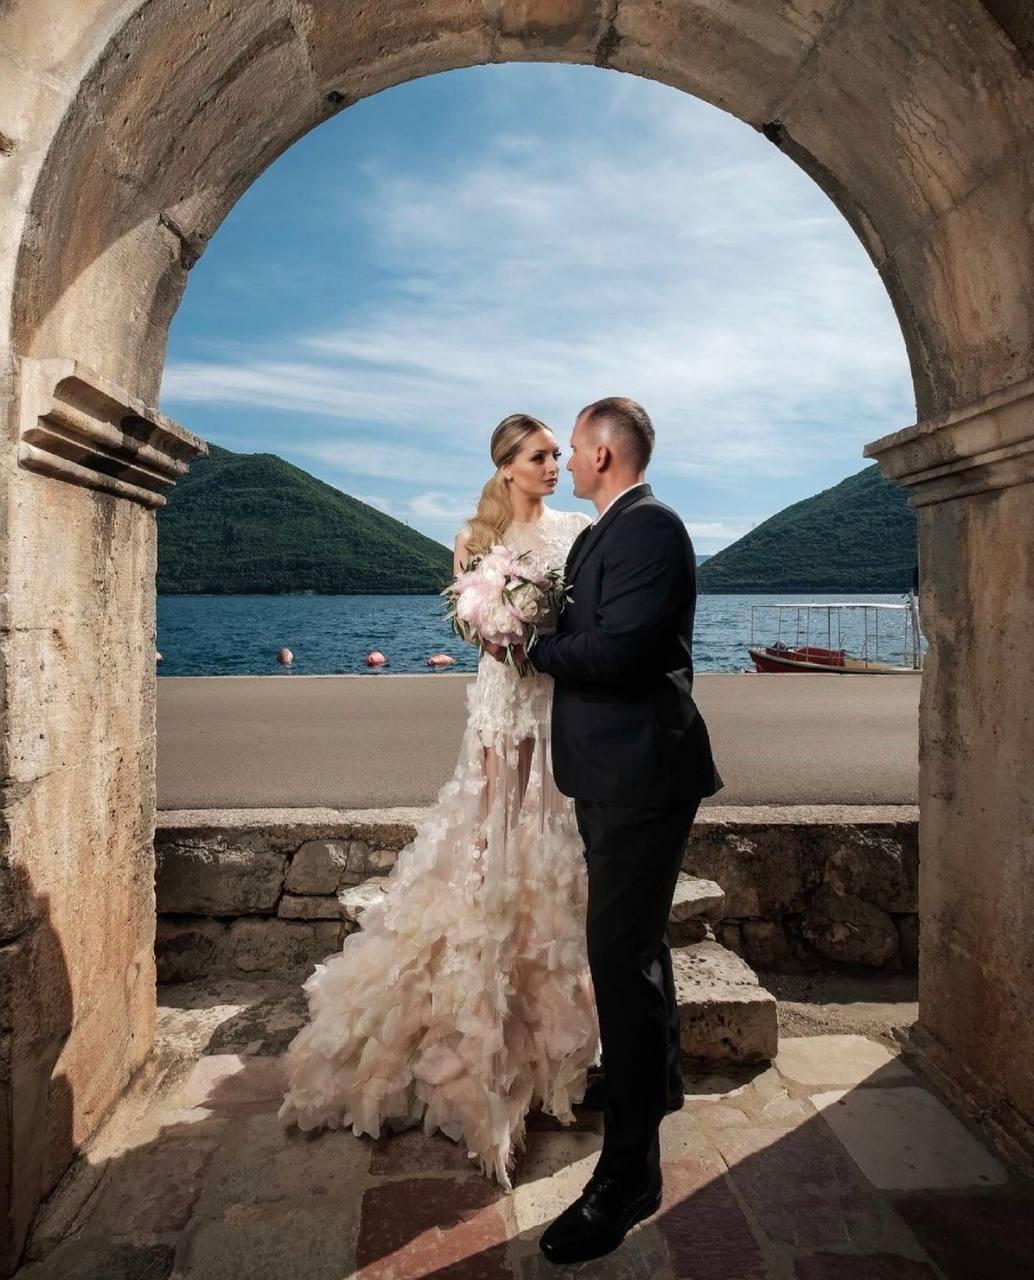 Real brides Bellarose - foto 2